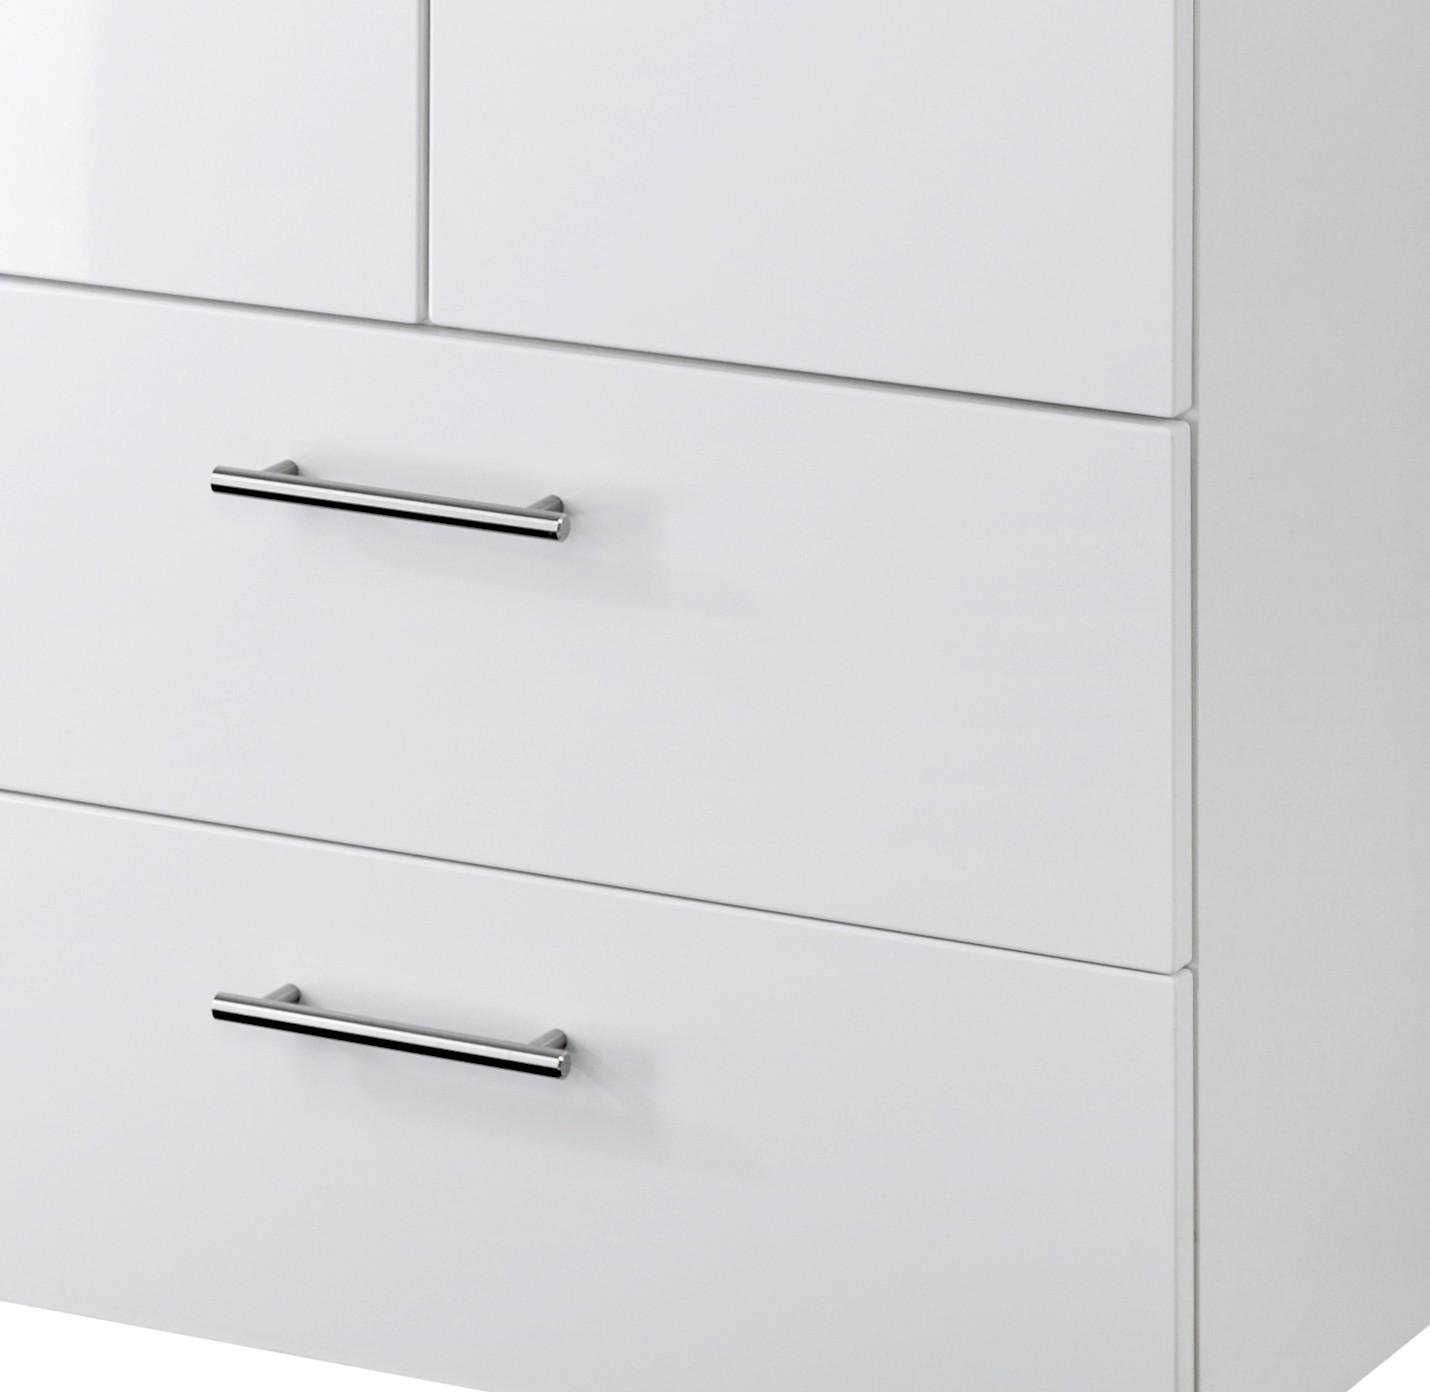 neu badezimmer midischrank blanco midi highboard badezimmerschrank 70 cm weiss ebay. Black Bedroom Furniture Sets. Home Design Ideas